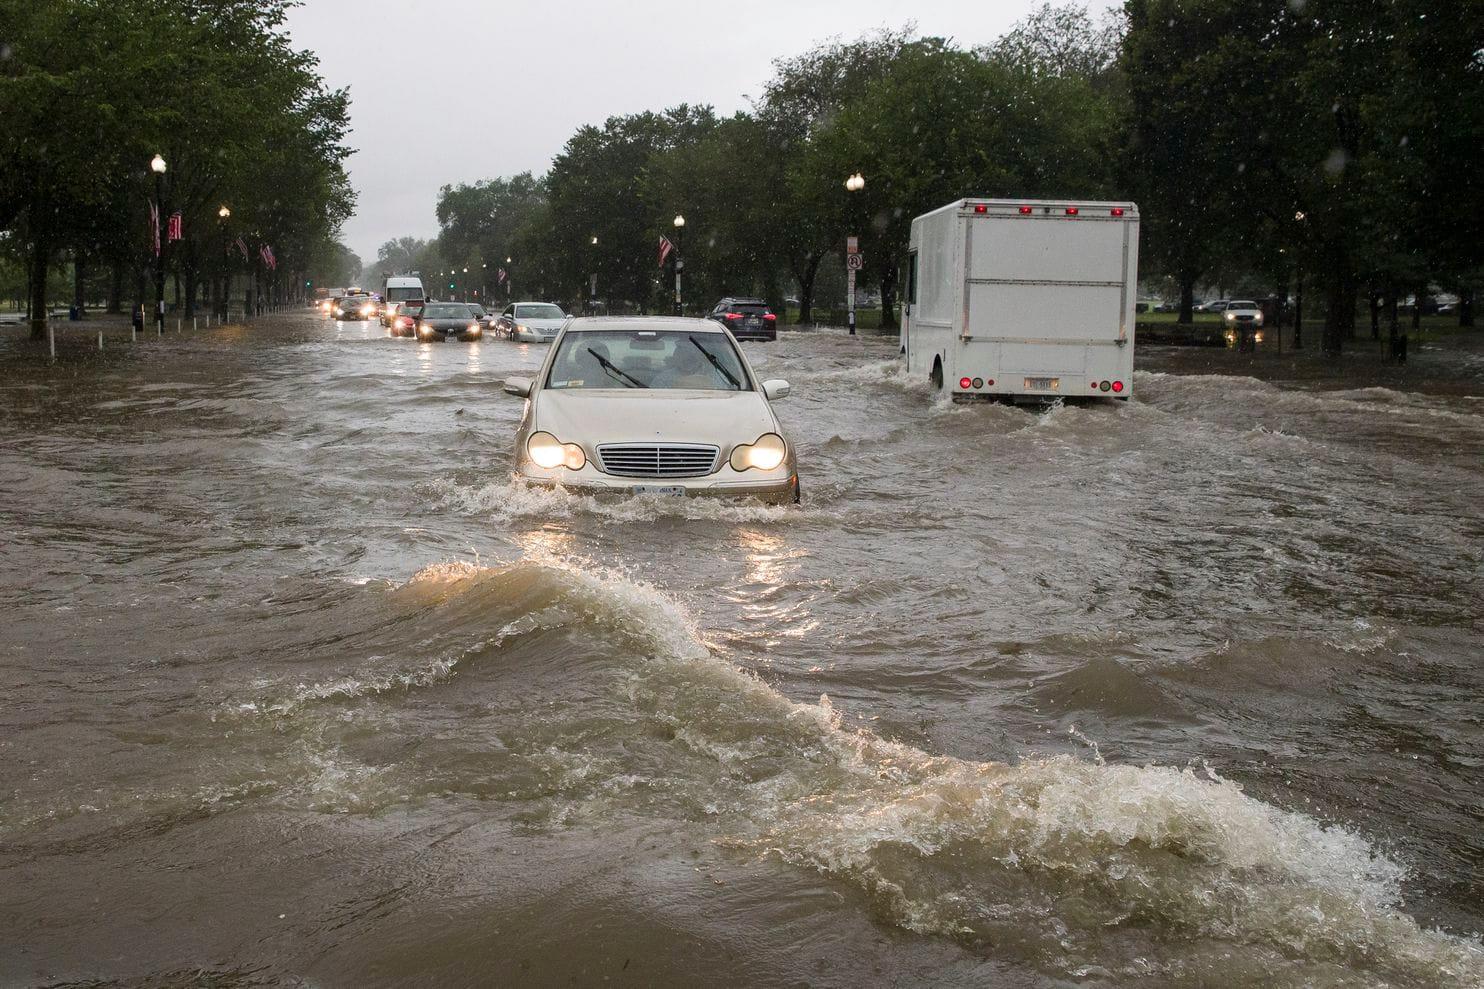 華盛頓暴雨白宮地庫水浸 地鐵站月台變瀑布